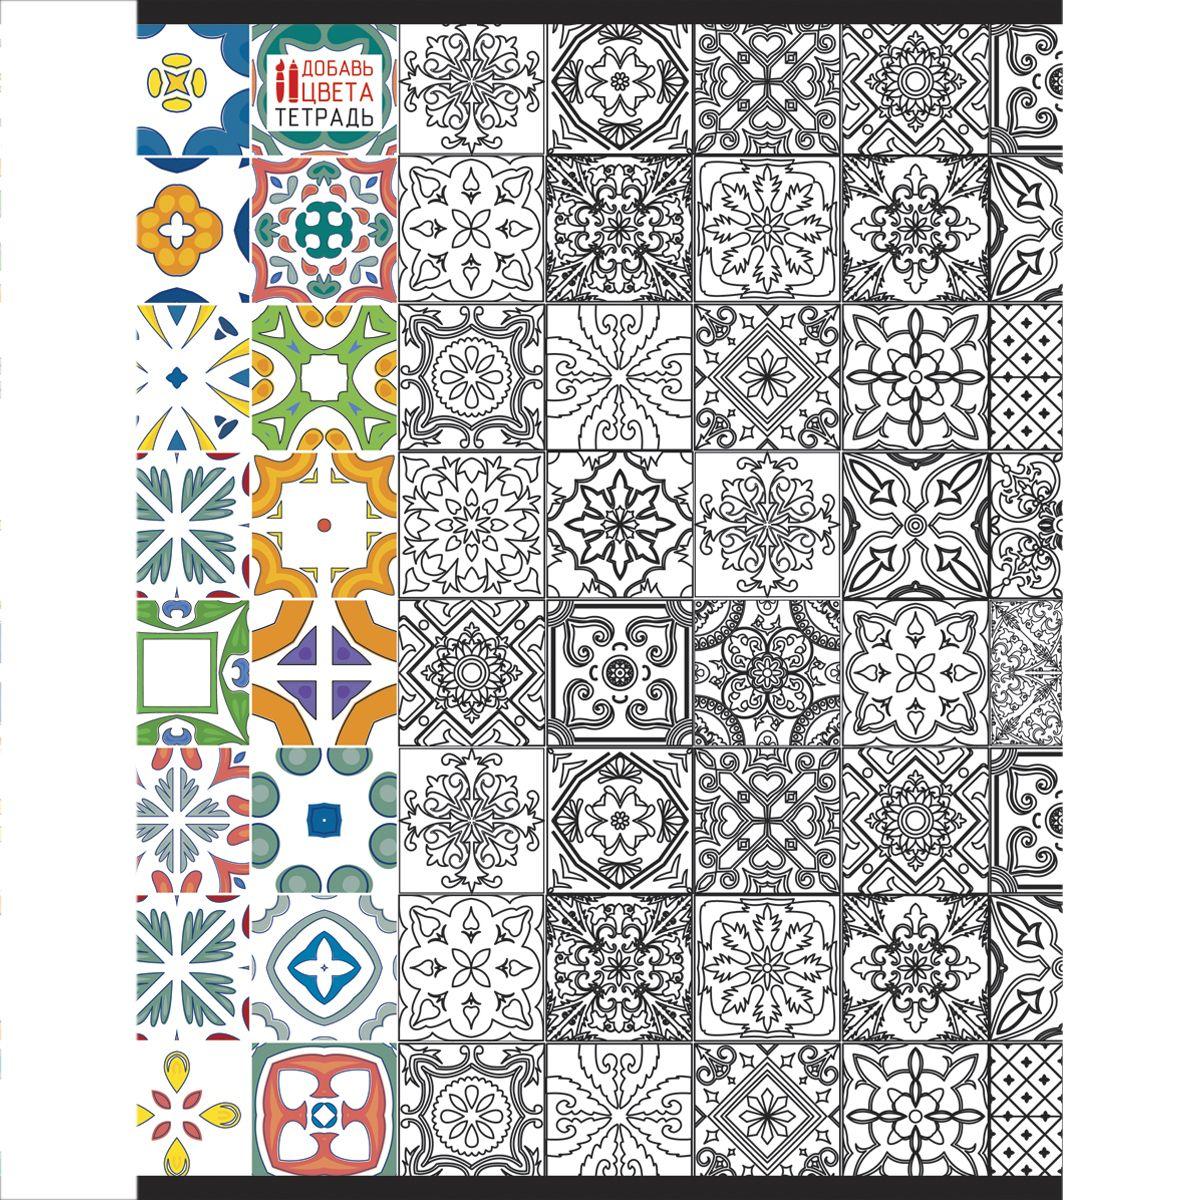 Канц-Эксмо Тетрадь Пестрая мозаика 48 листов в клетку формат А4Т4484289Тетрадь для конспектов А4 48л., скрепка, клетка, обложка: мелованный картон, матовый ВД-лак, раскраска, бумага офсетная 60 г/м2. Пестрая мозаика А4, 48л.